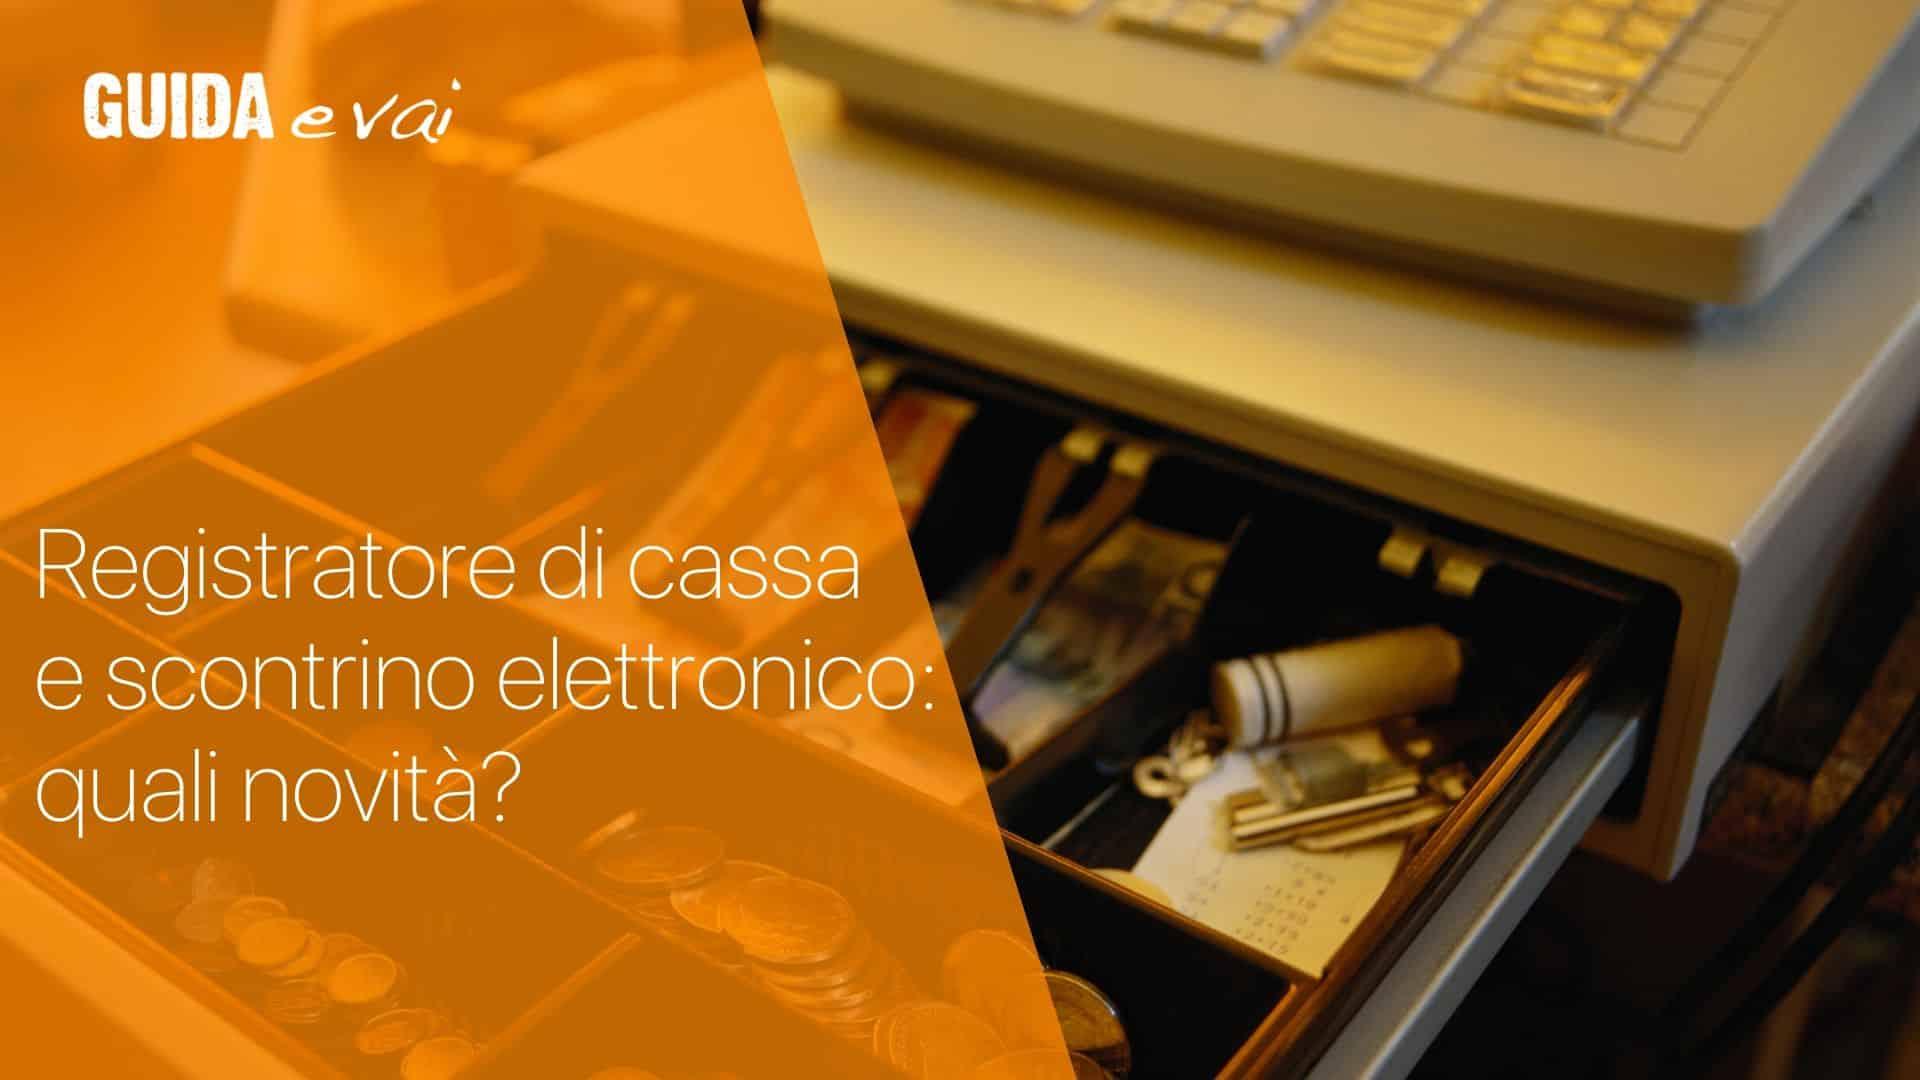 Registratore di cassa e scontrino elettronico: quali novità?